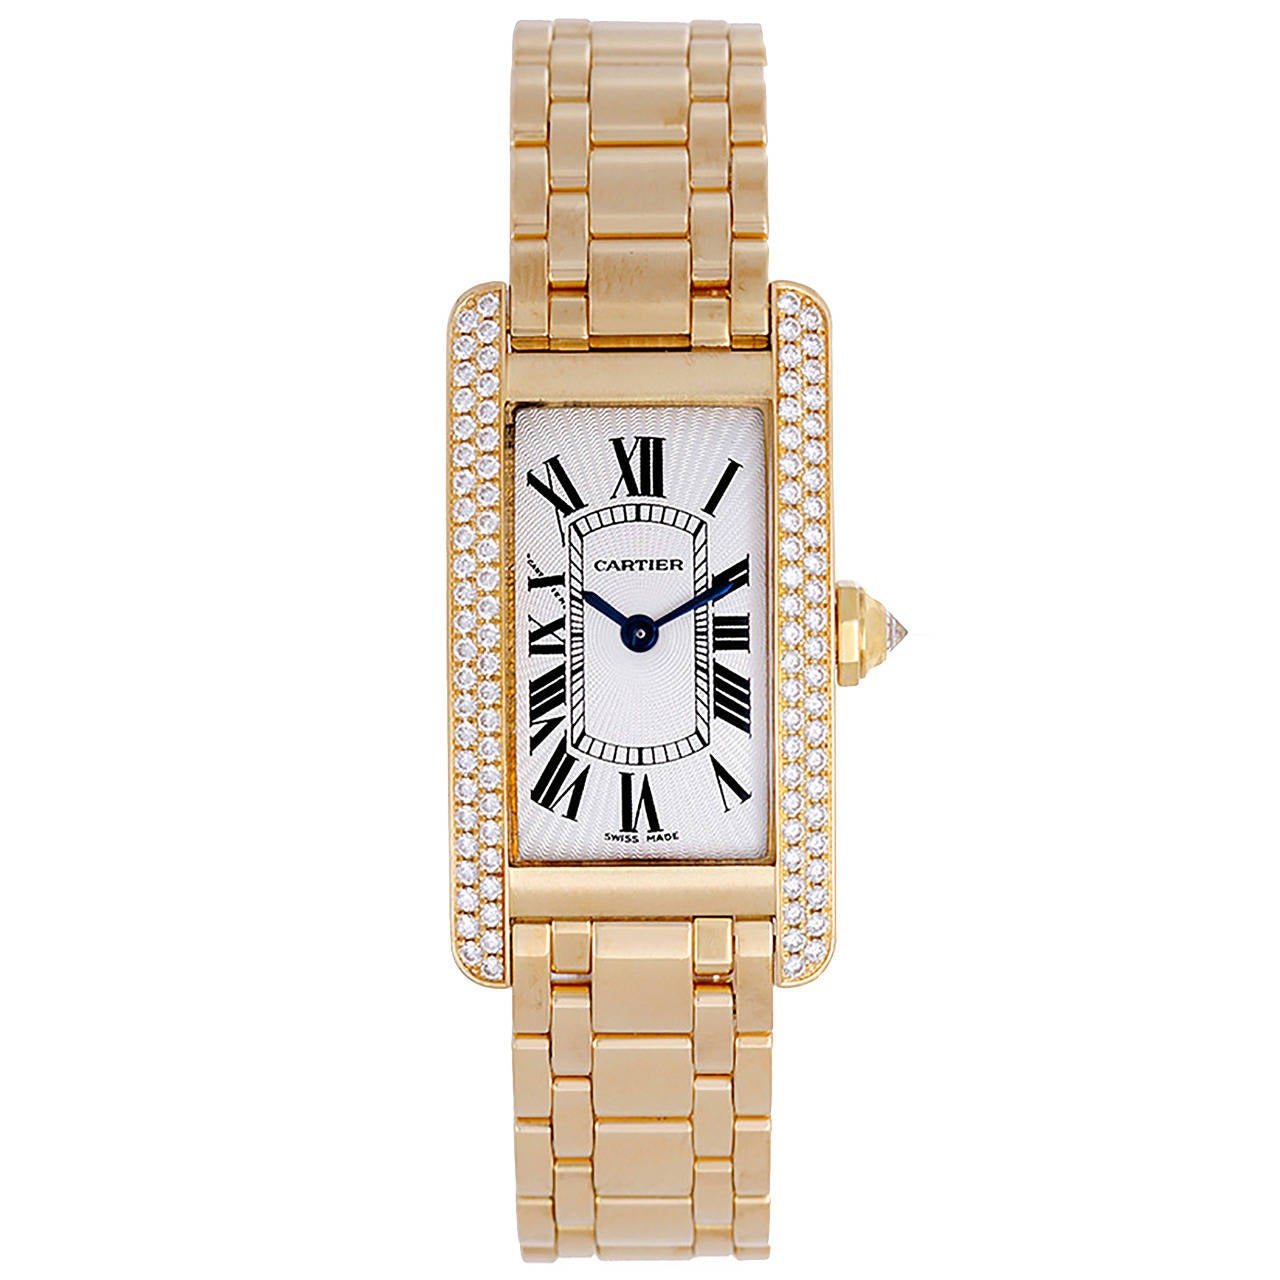 Cartier Lady's Yellow Gold Diamond Tank Americaine Wristwatch Ref WB7012K2